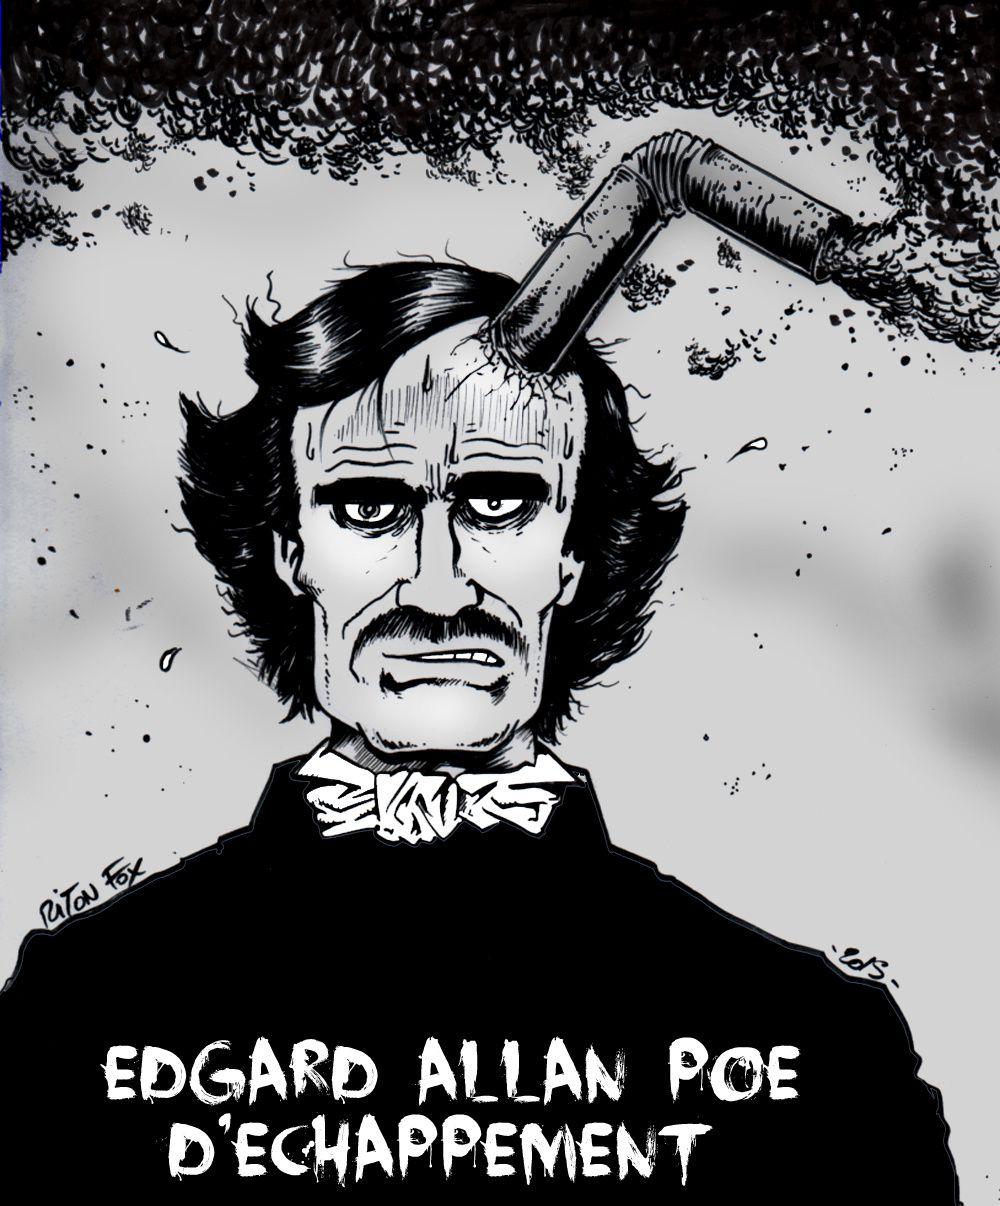 edgard allan poe d'échappement